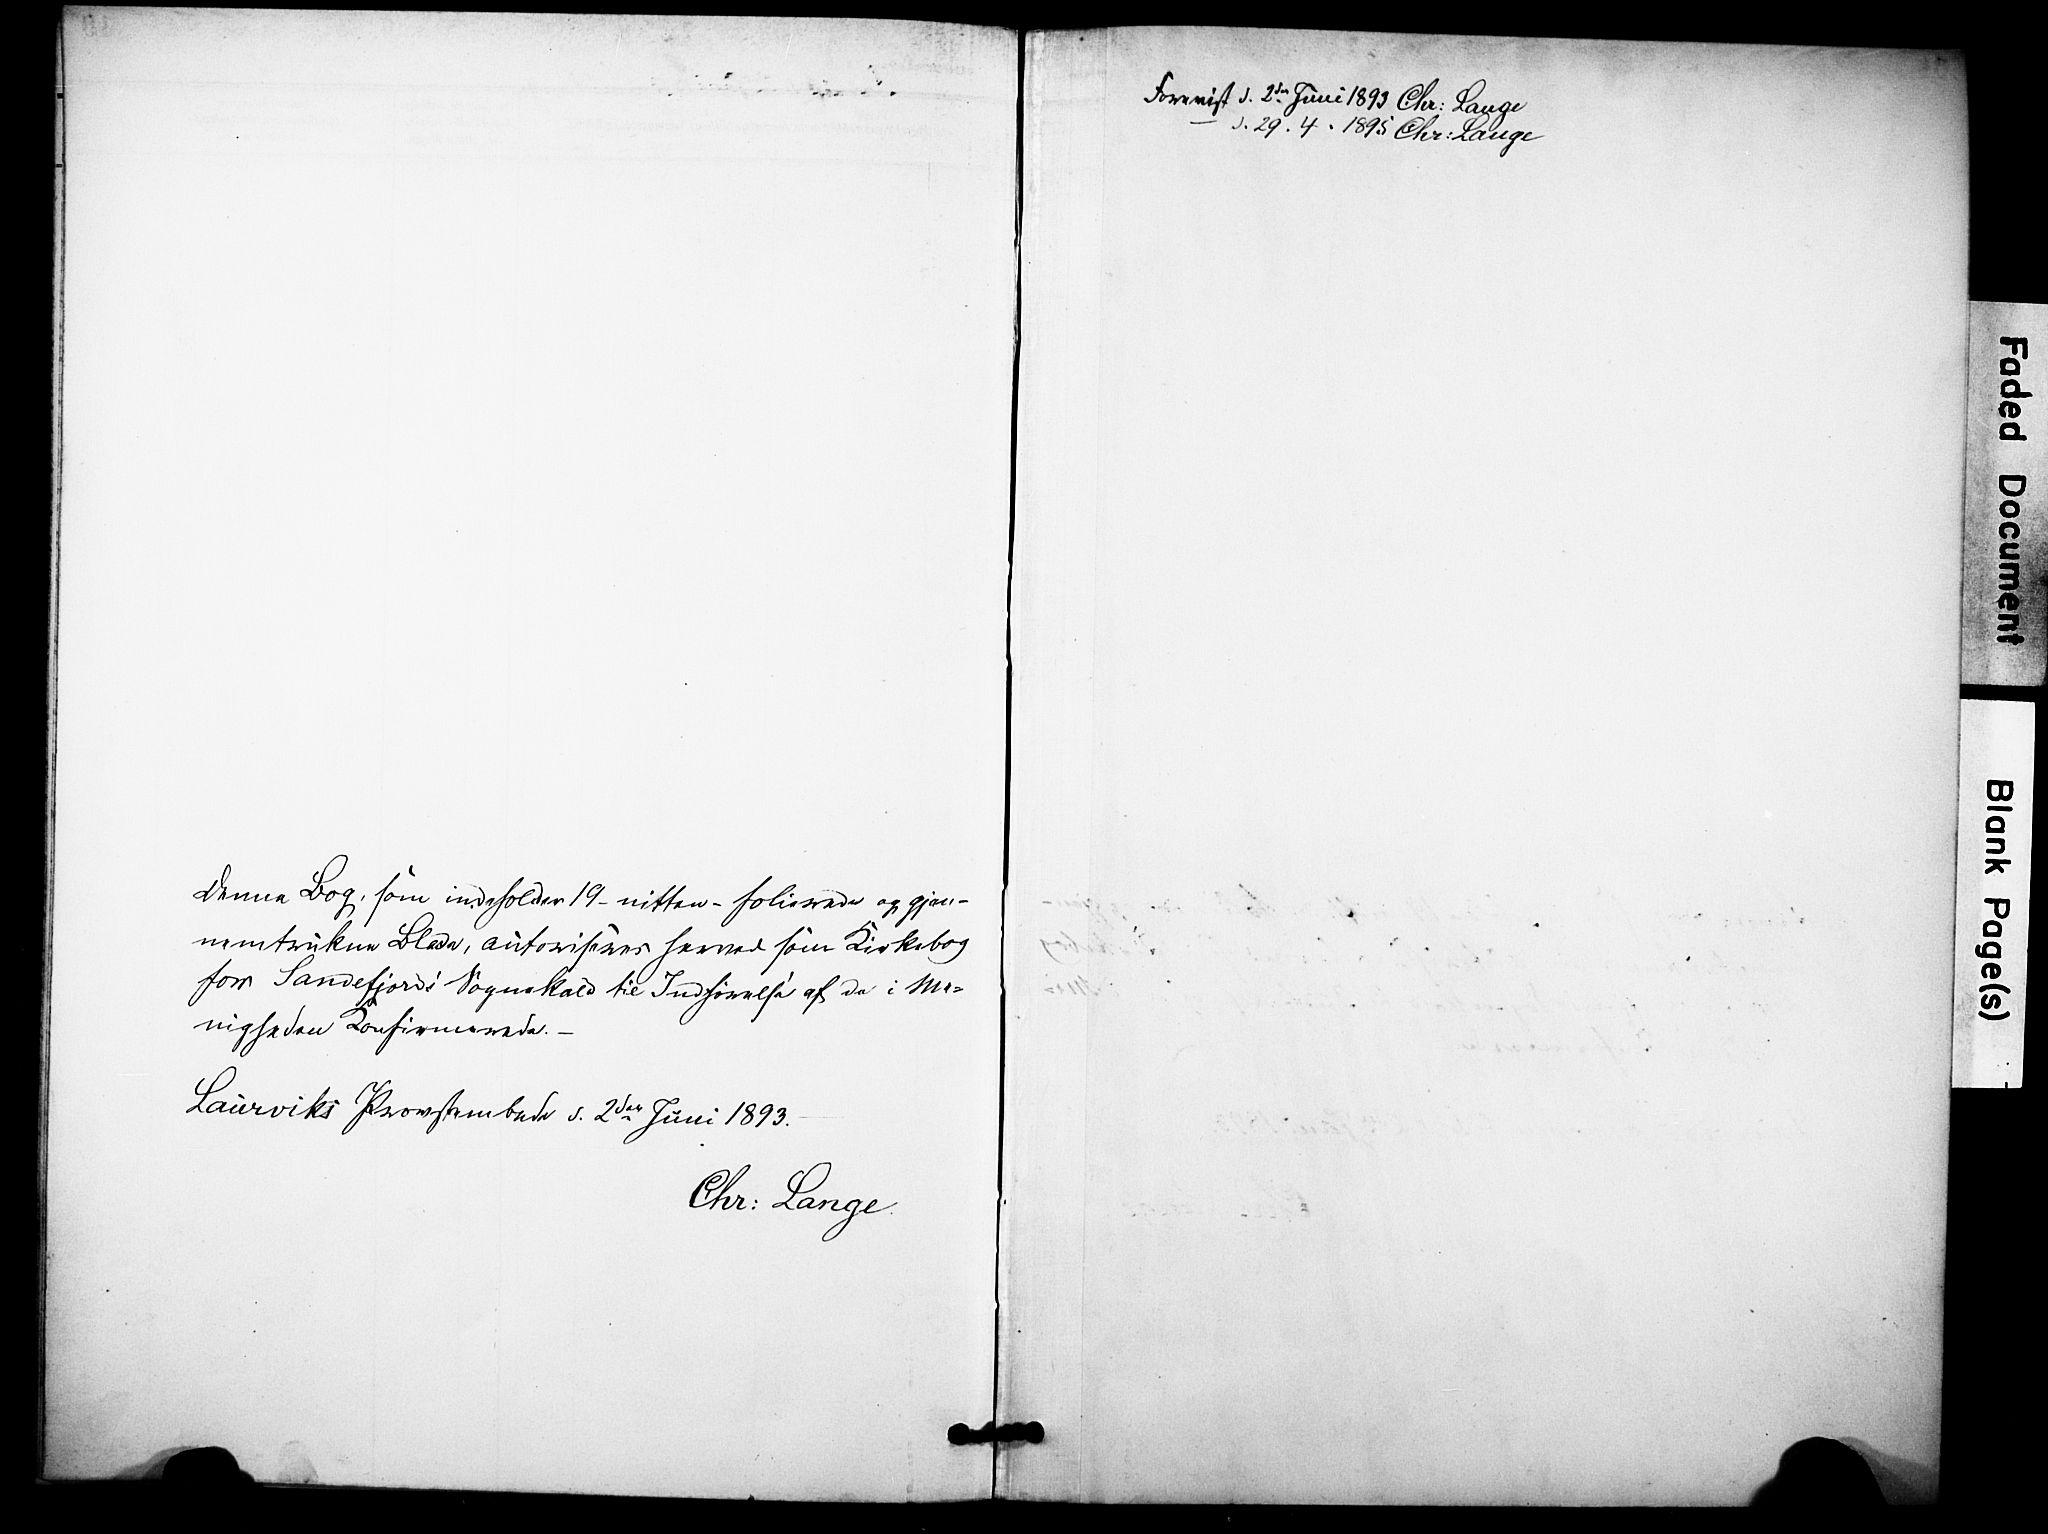 SAKO, Sandefjord kirkebøker, F/Fa/L0003: Ministerialbok nr. 3, 1892-1894